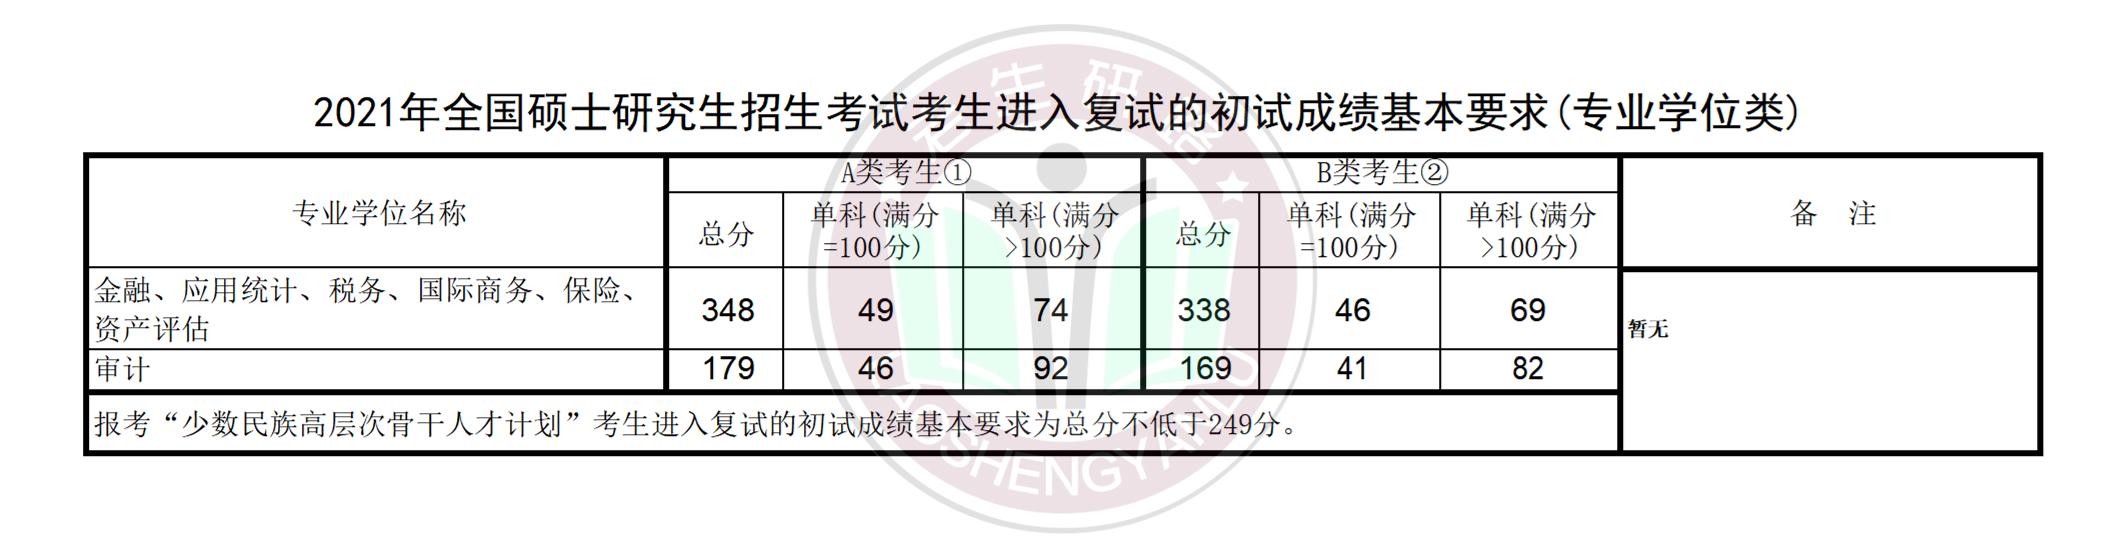 2021年中央财经大学复试线及加分政策_06.png